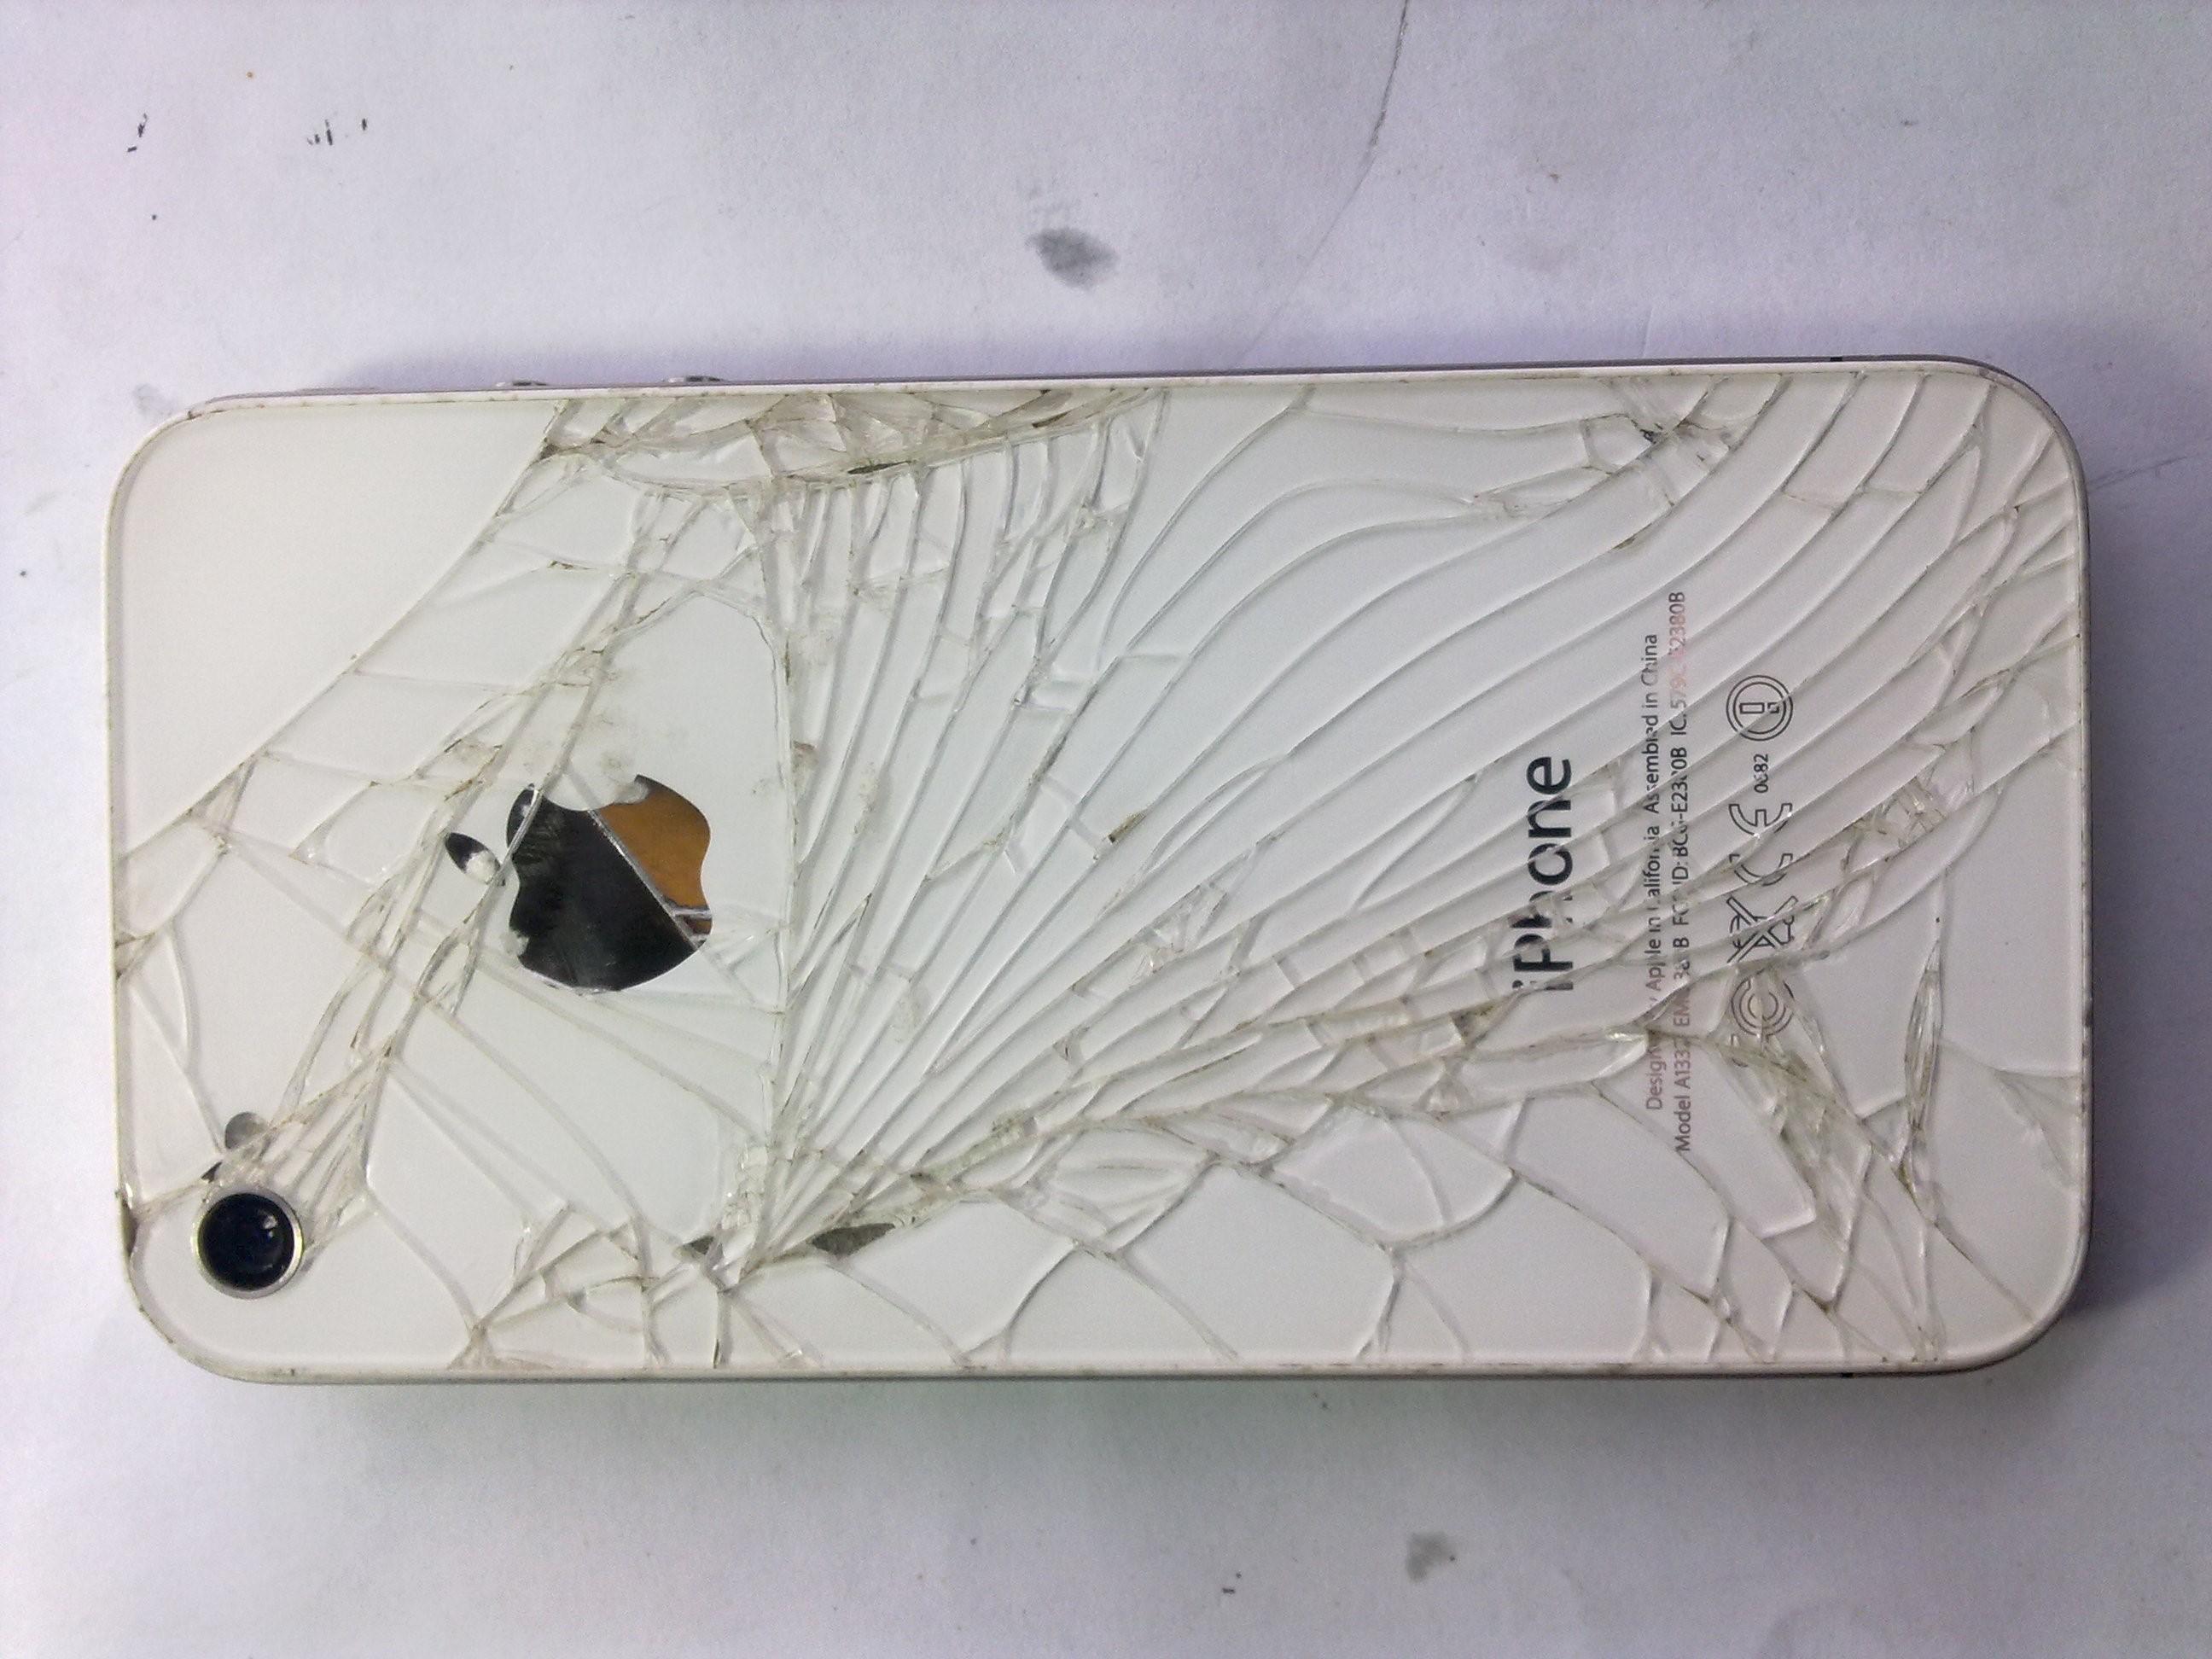 Вырубился айфон 4 и не включается